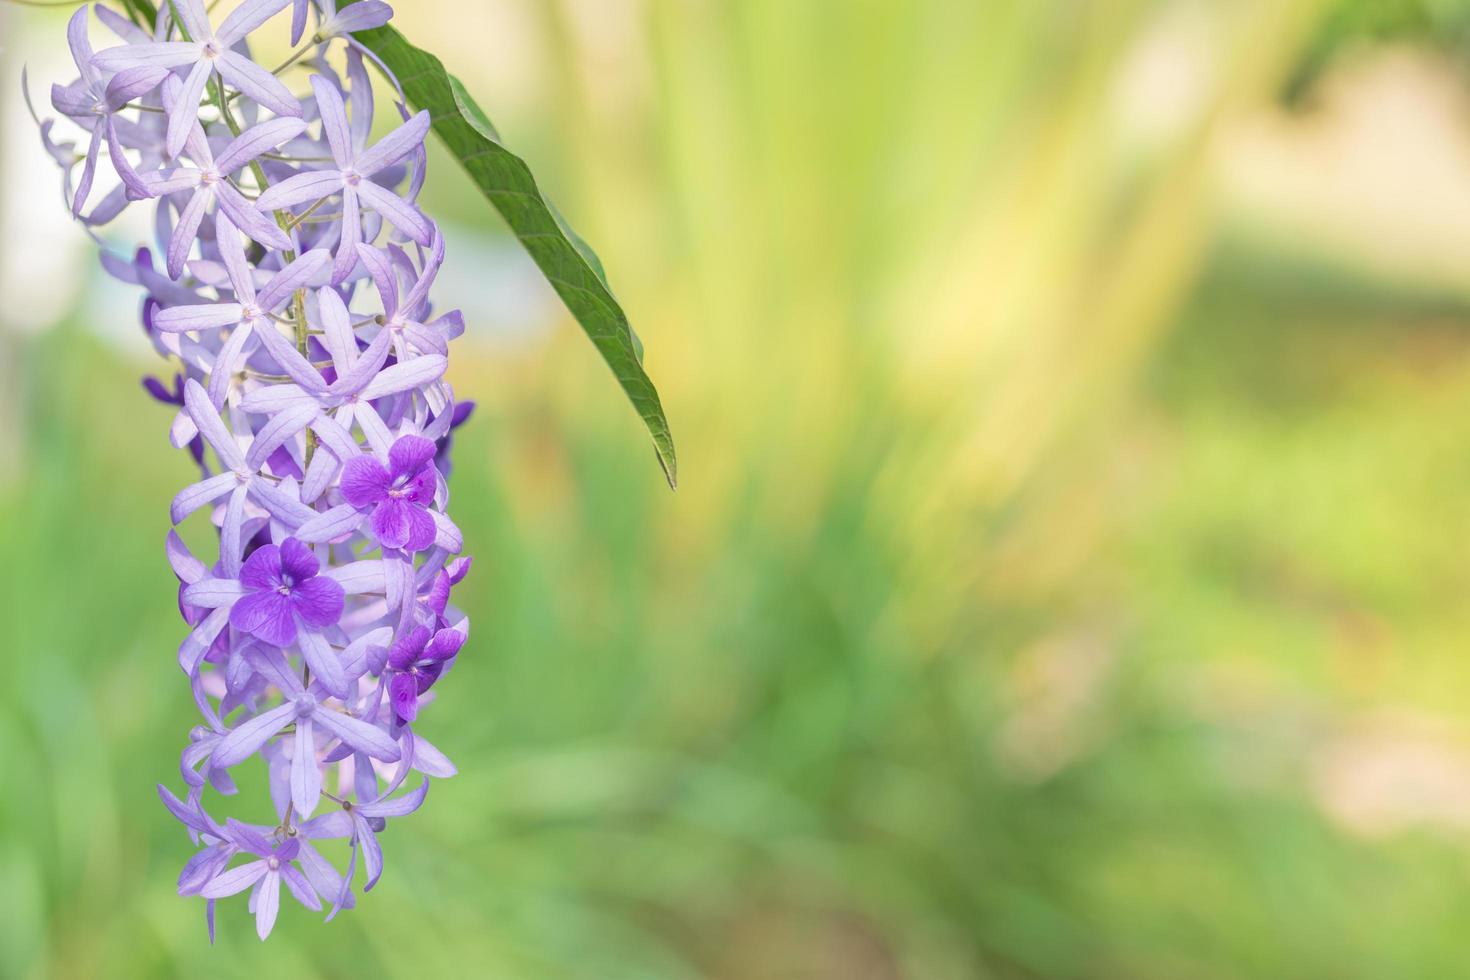 fiori viola in giardino foto